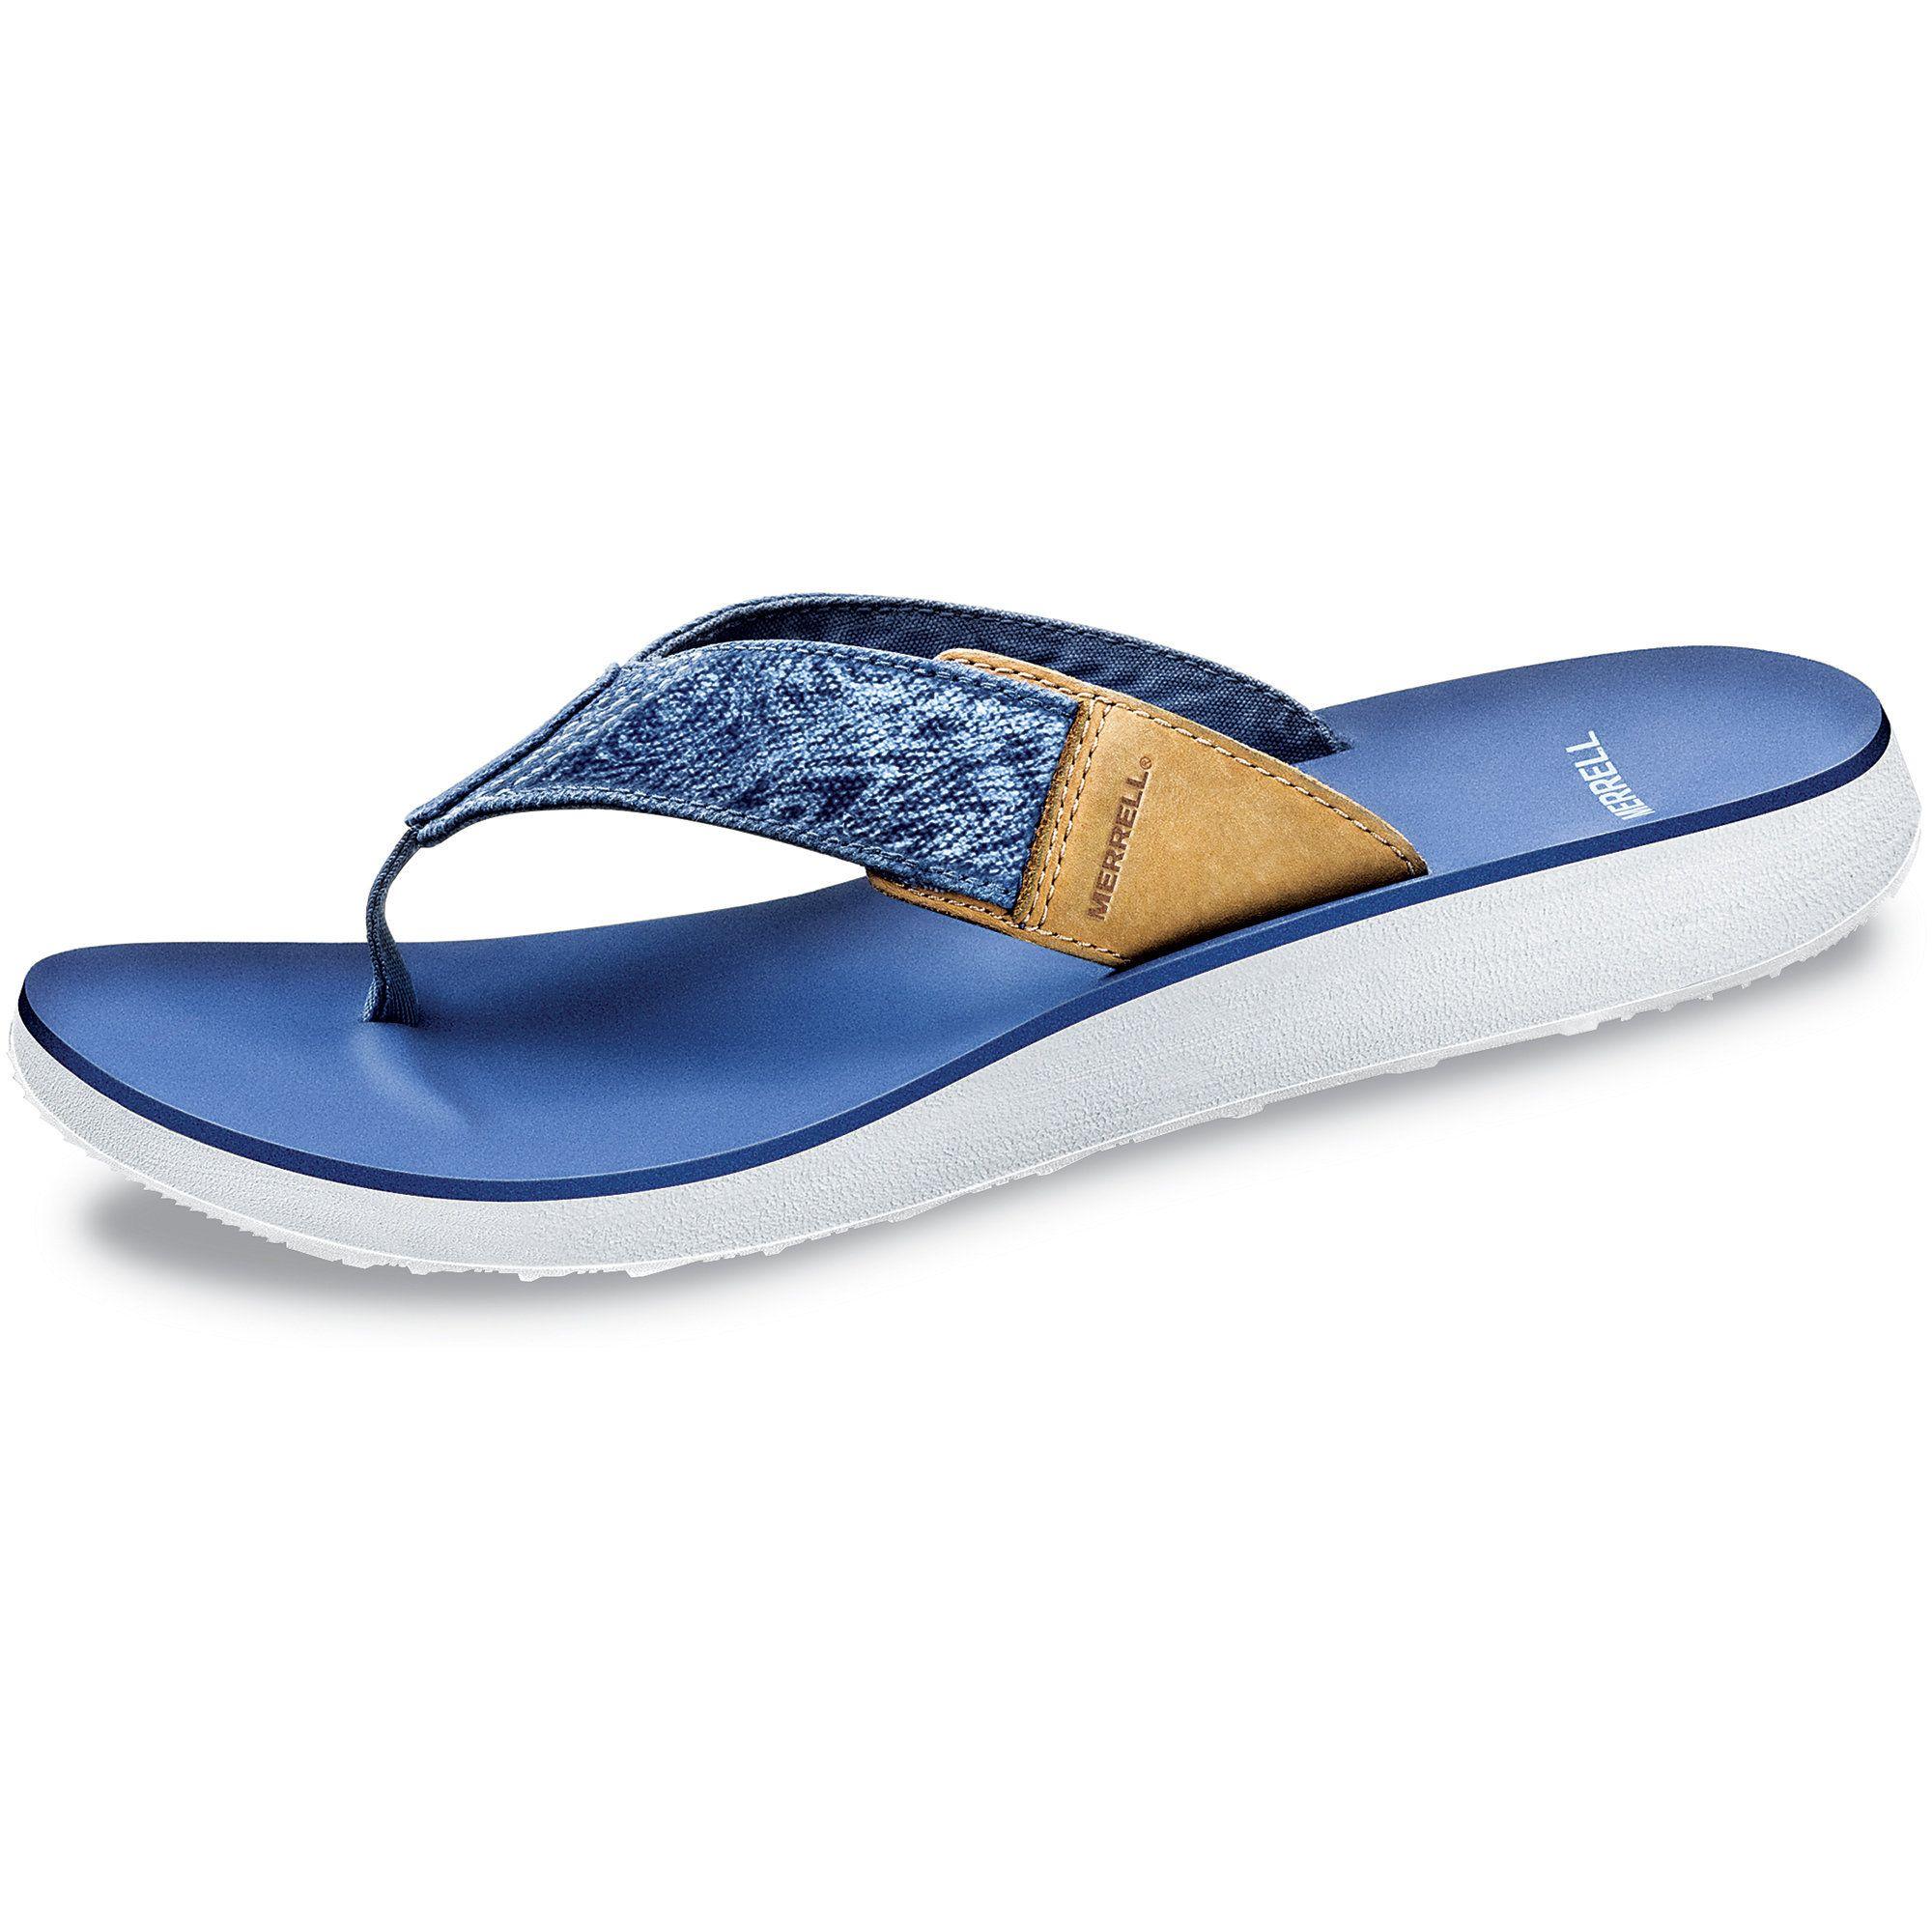 merrell hommes sandale est quai sandale hommes herrington catalog sandalias 814955